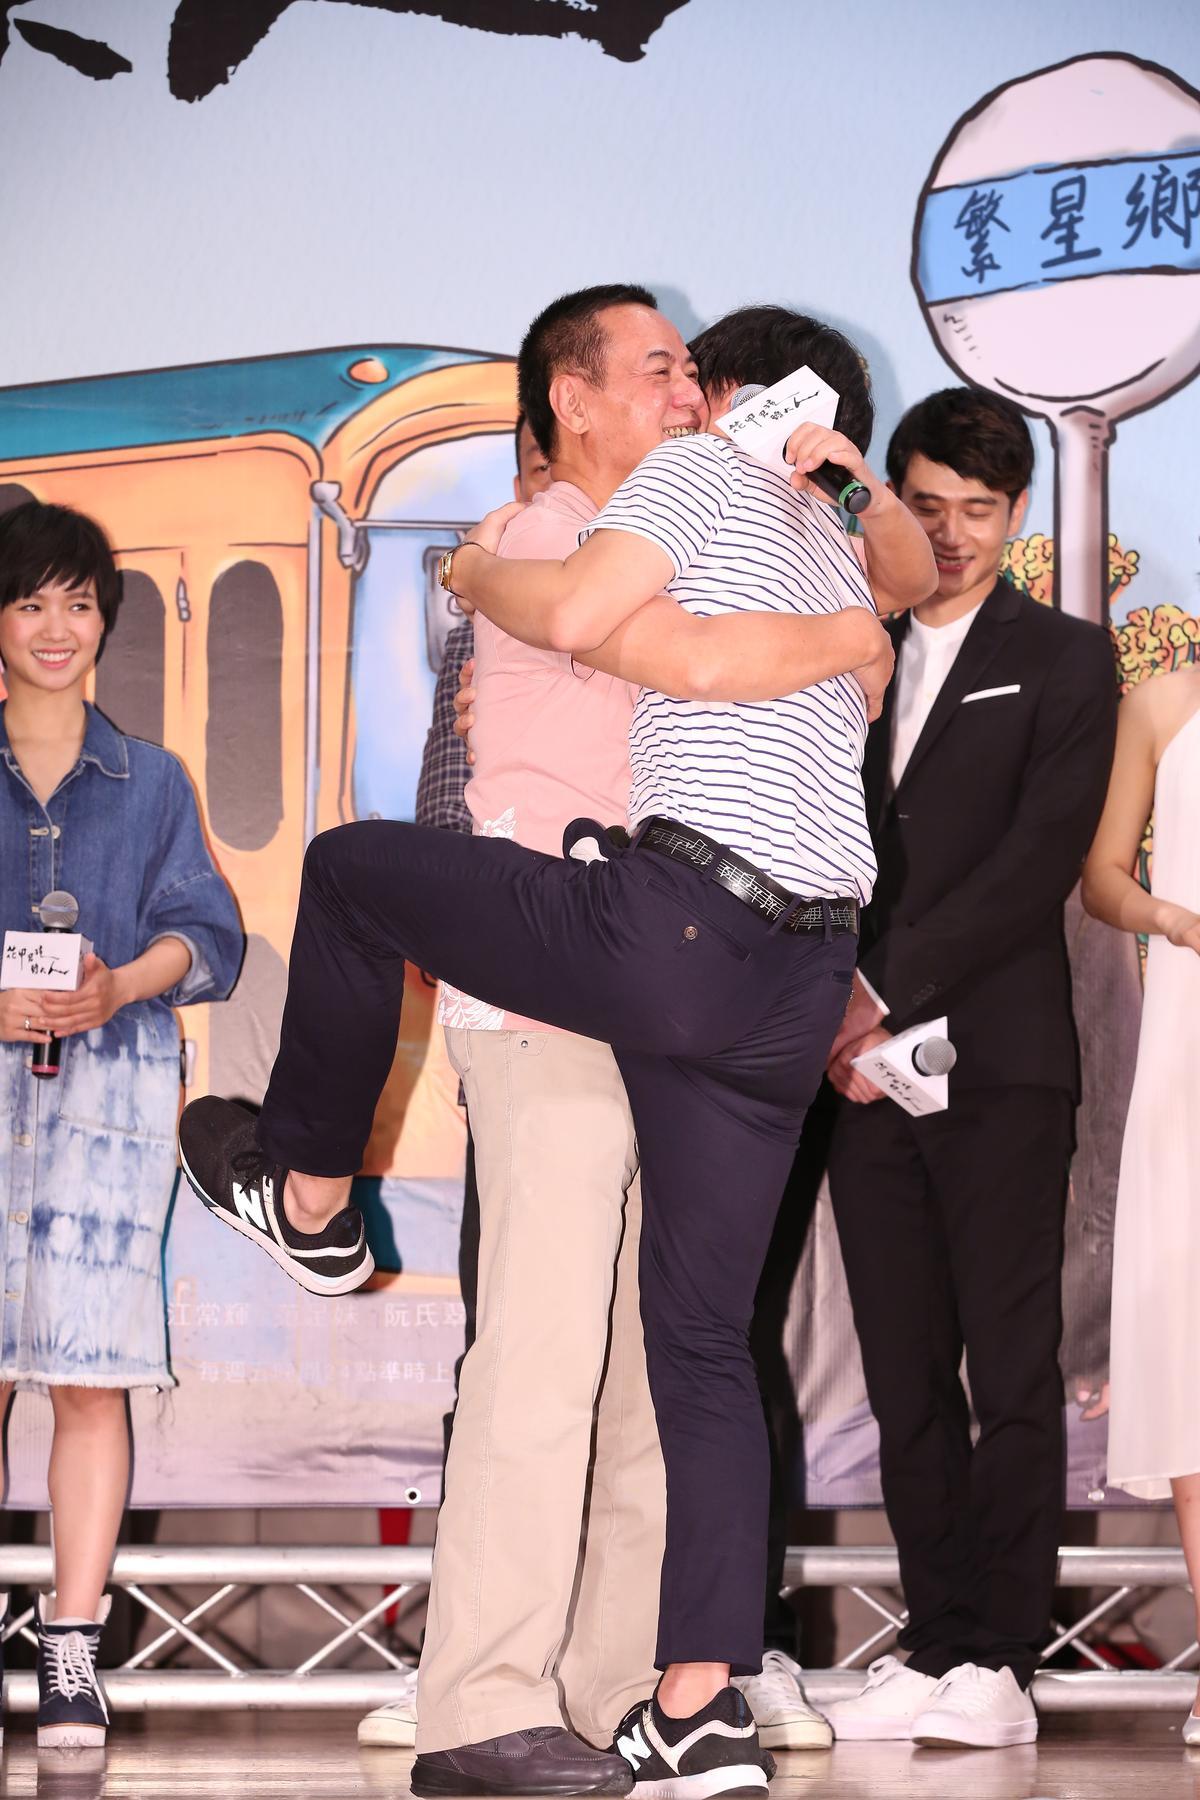 首映會現場,盧廣仲跟蔡振南來個熊抱,逗樂其他演員。